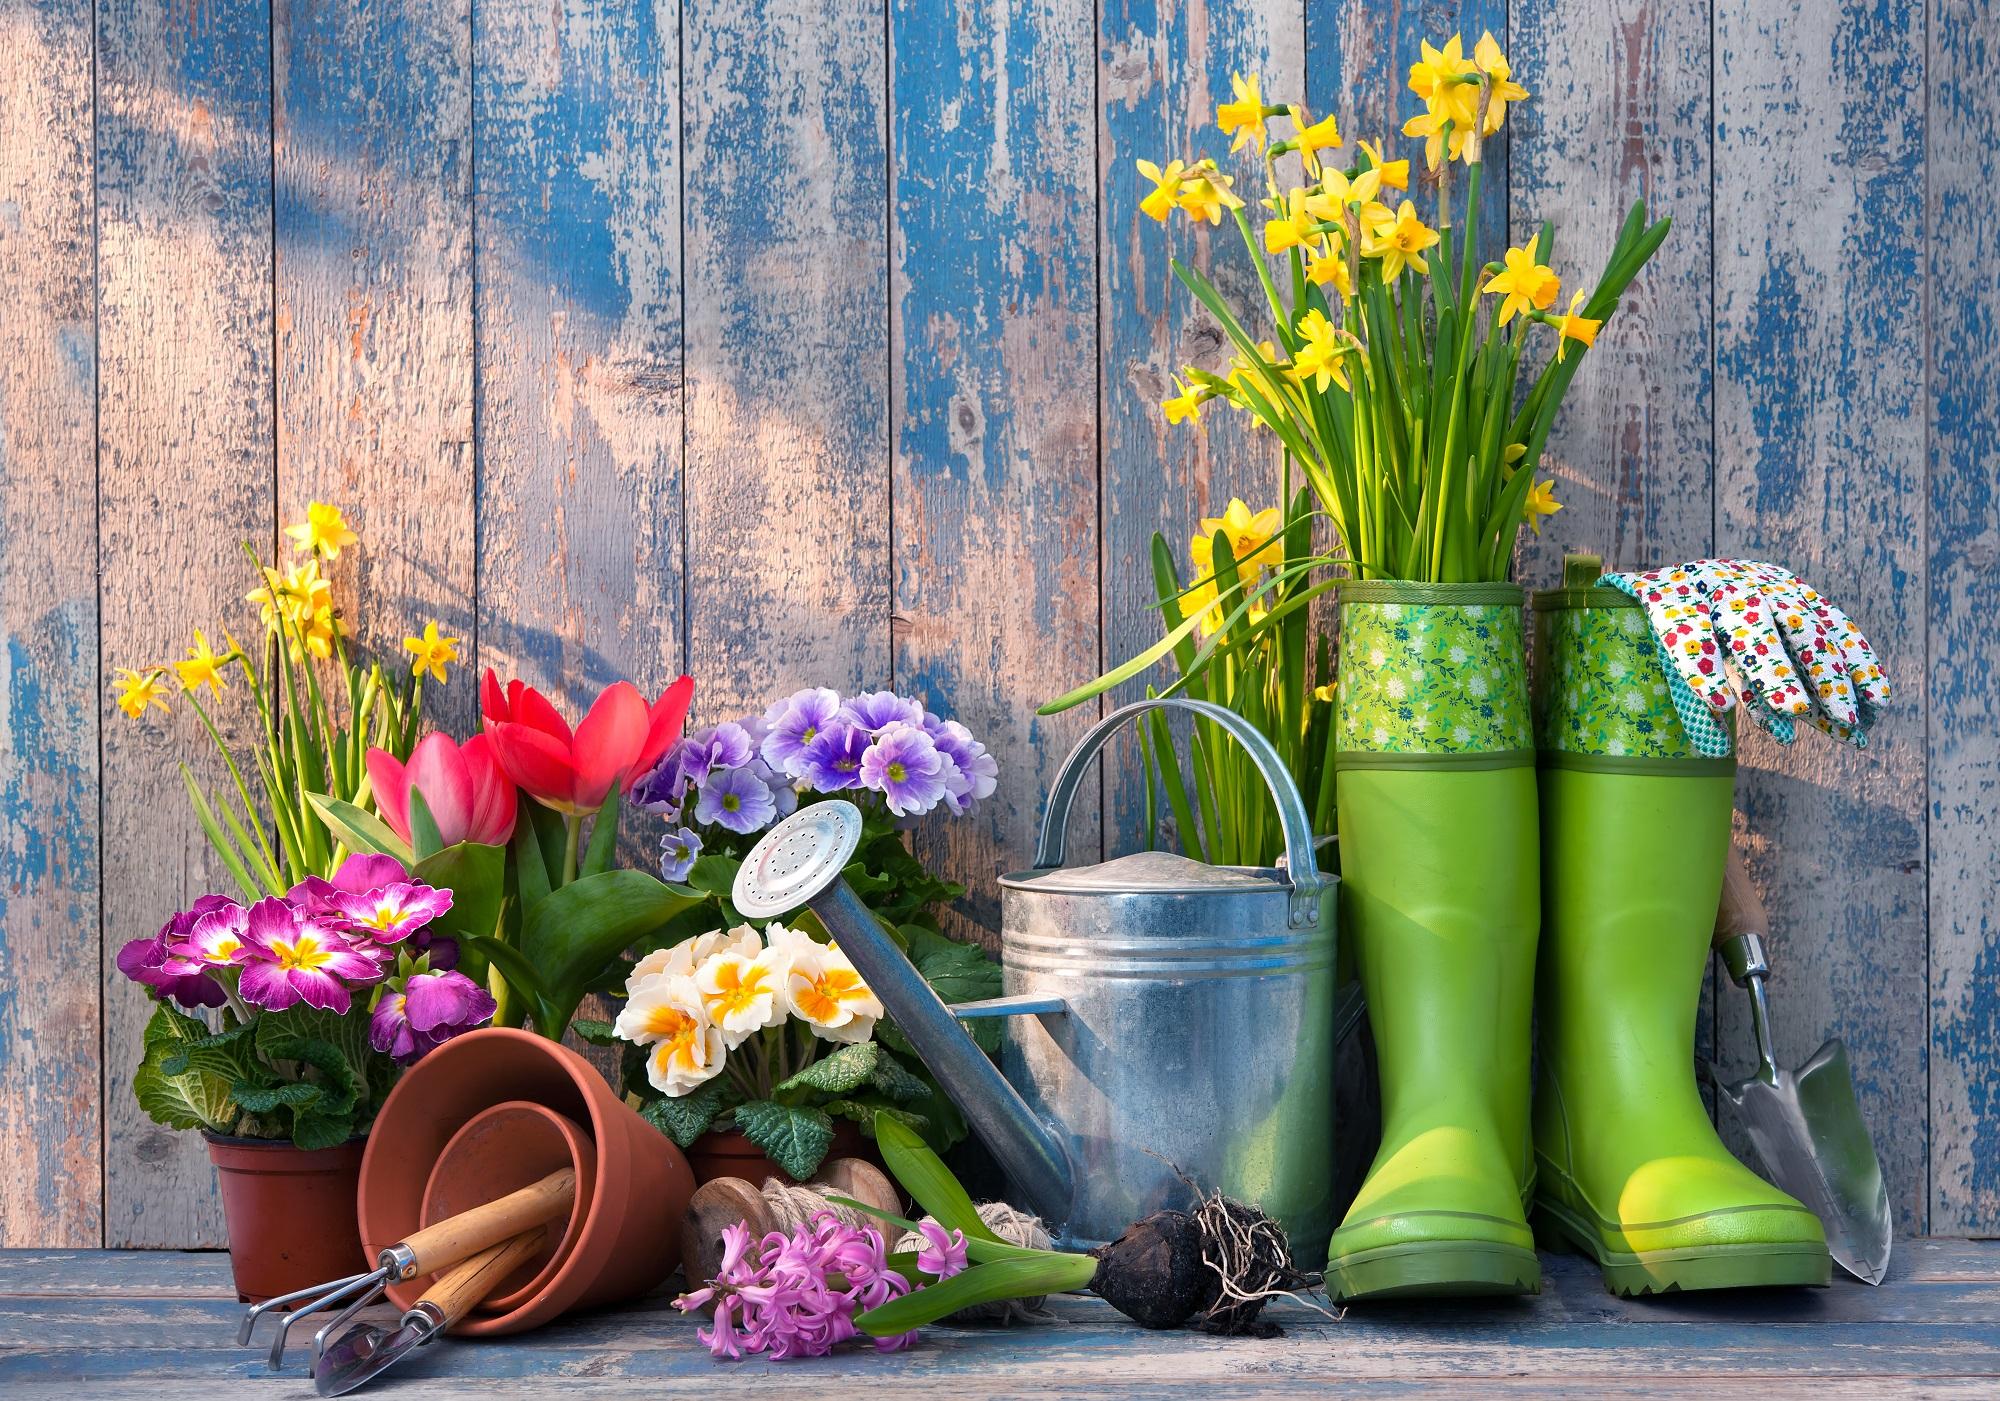 Календарь садовода и огородника на год. Источник фото: Shutterstock